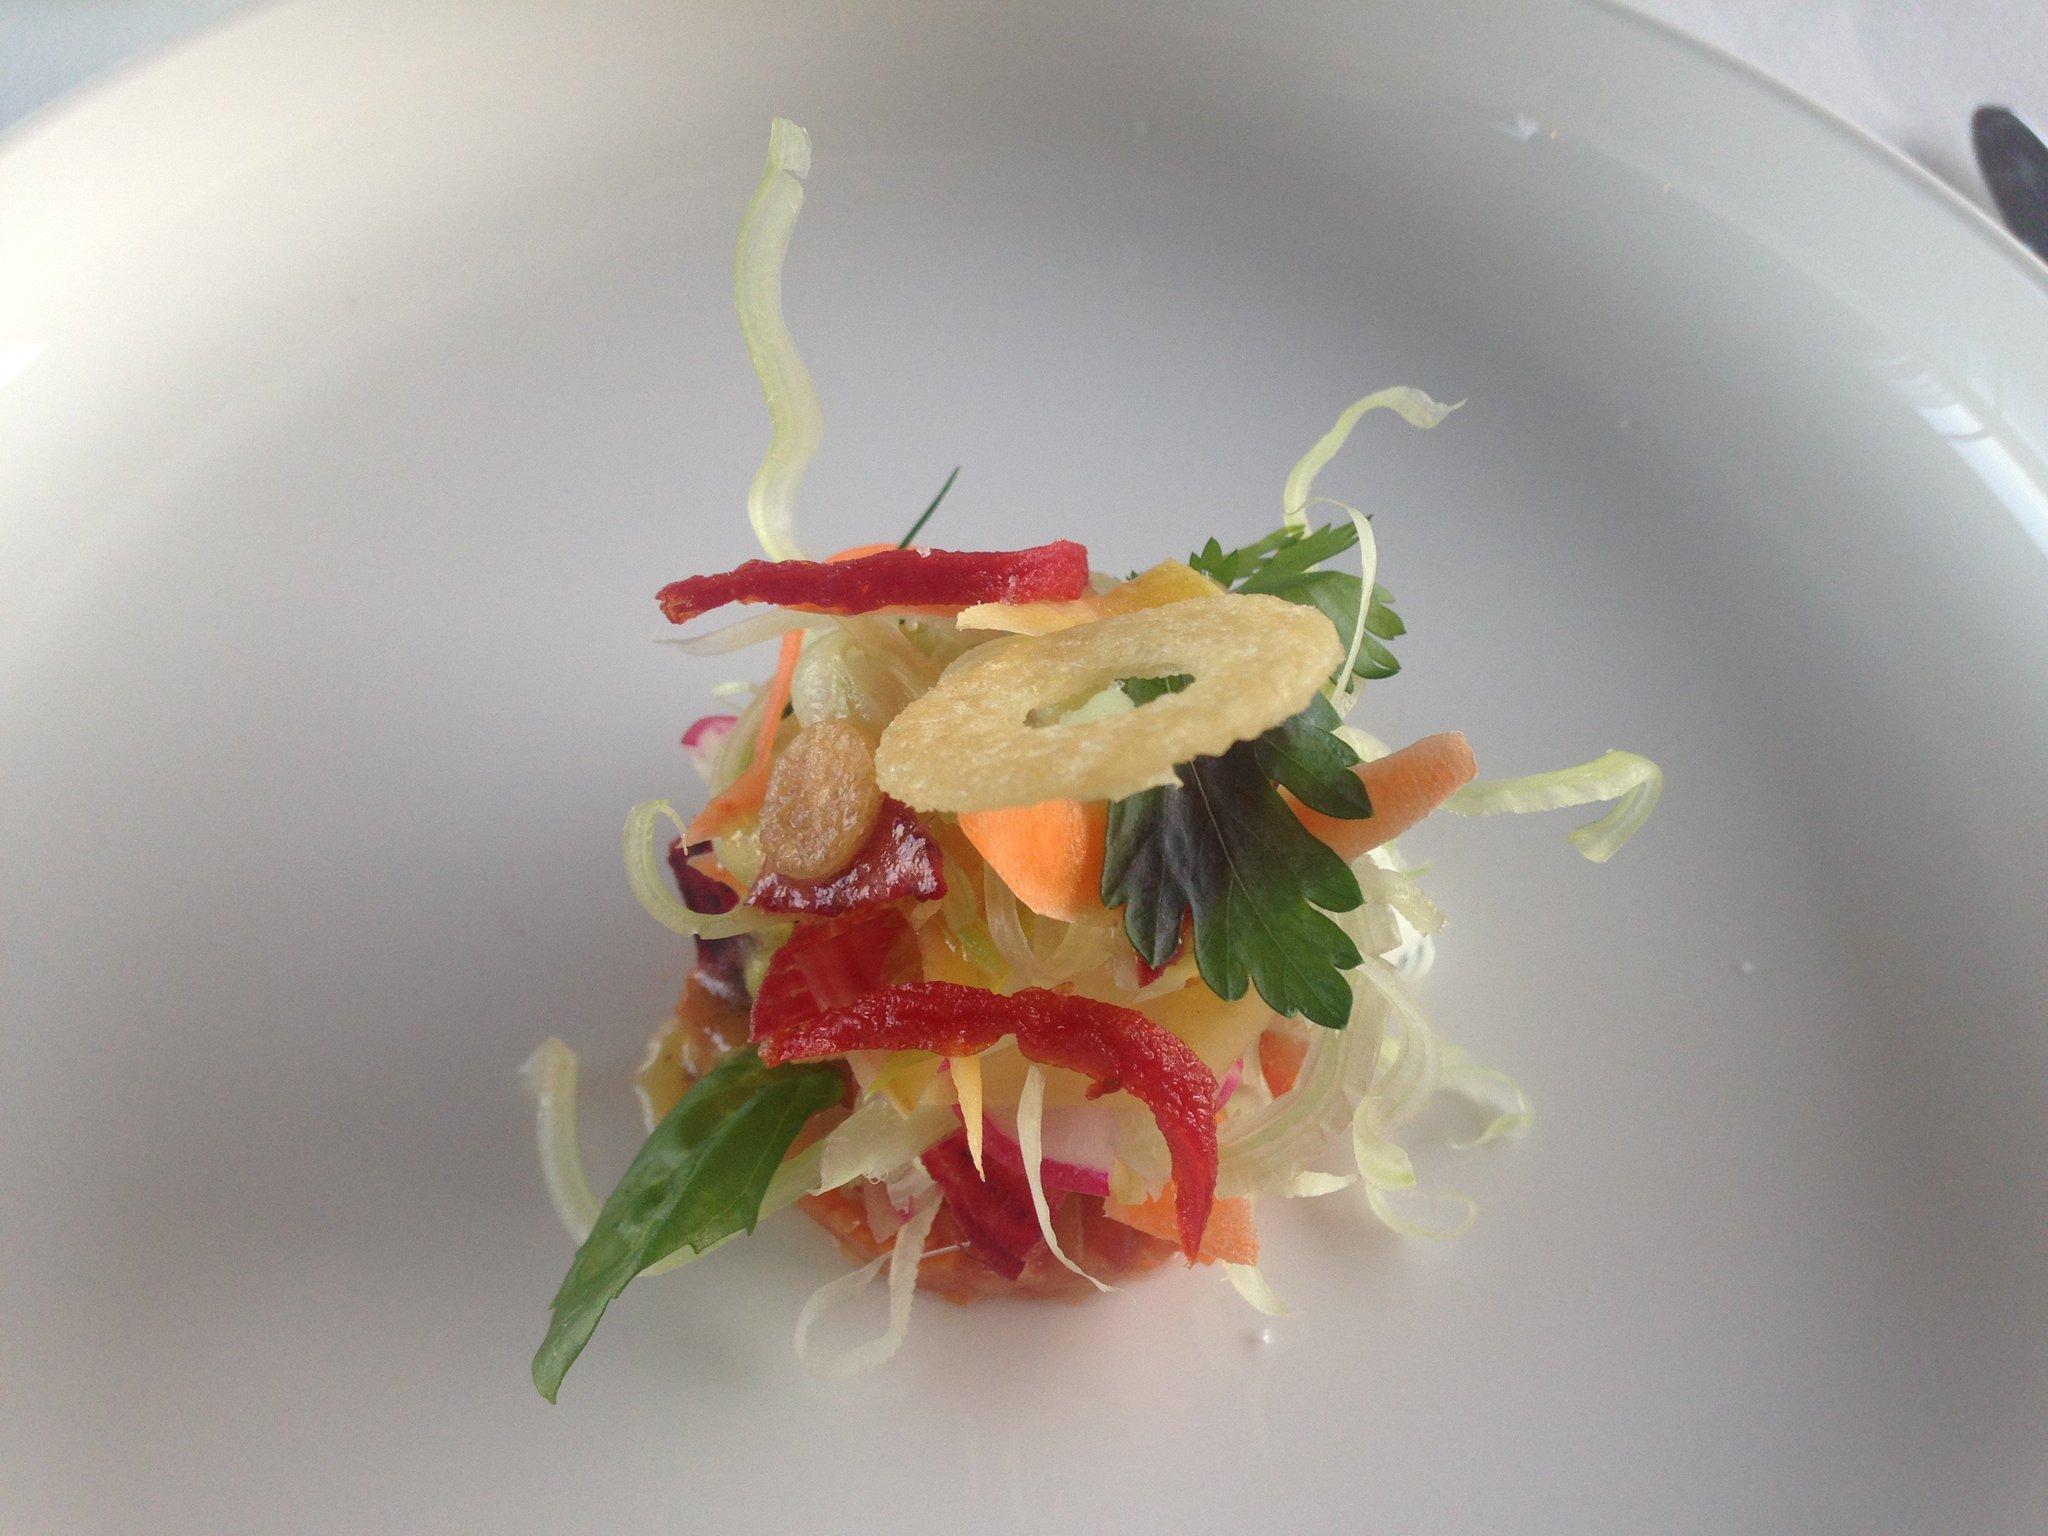 Elégante cuisine légumière et vue sublime à la Voile, #1étoile à l'hôtel La Réserve, #Ramatuelle (83). https://t.co/6jJrUABb7t